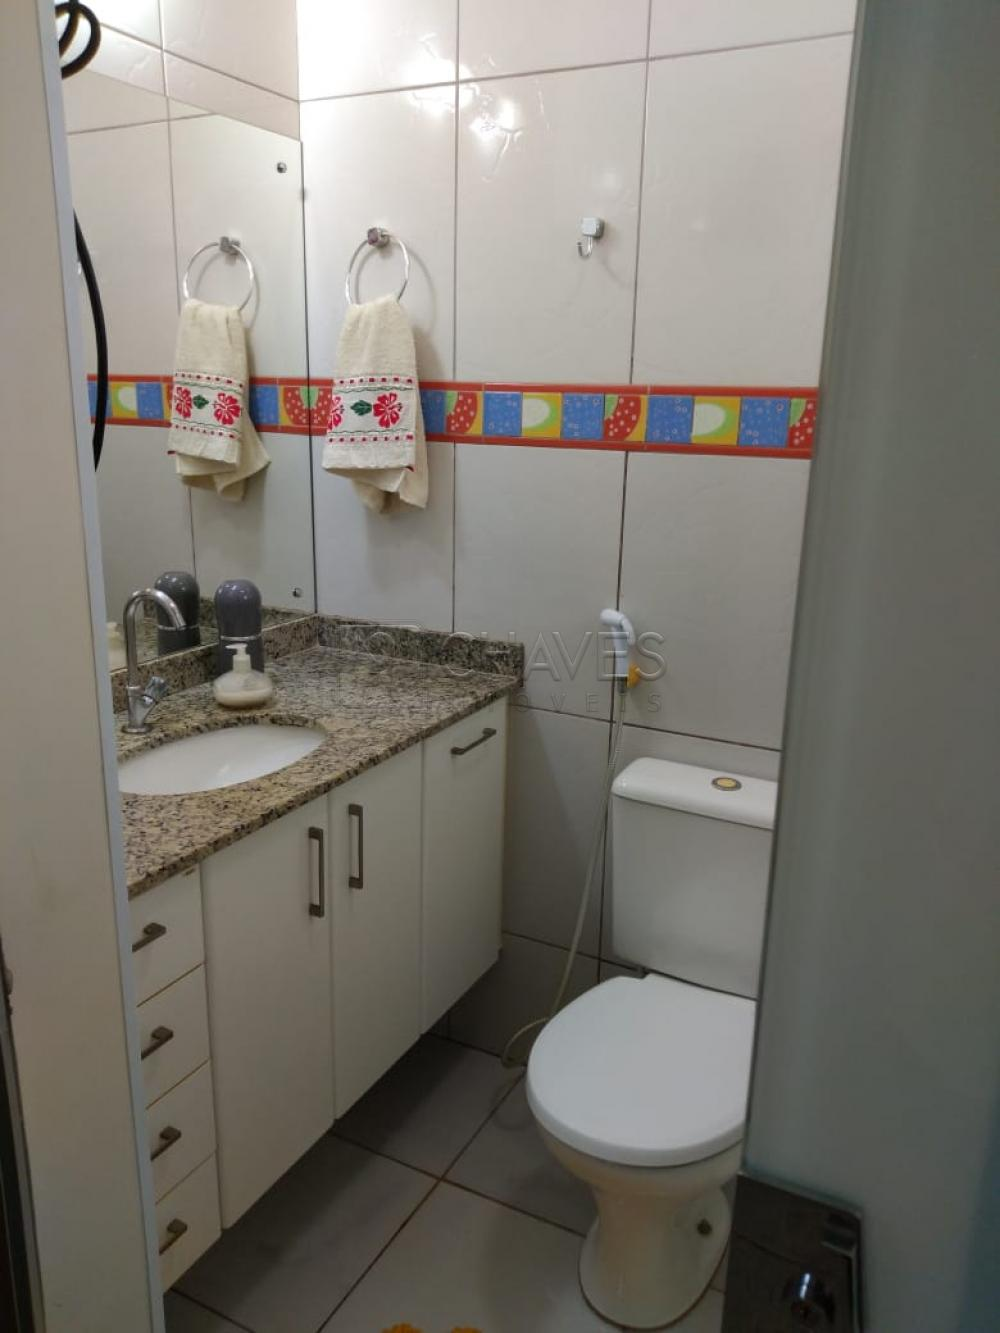 Comprar Casa / Condomínio em Ribeirão Preto apenas R$ 700.000,00 - Foto 16